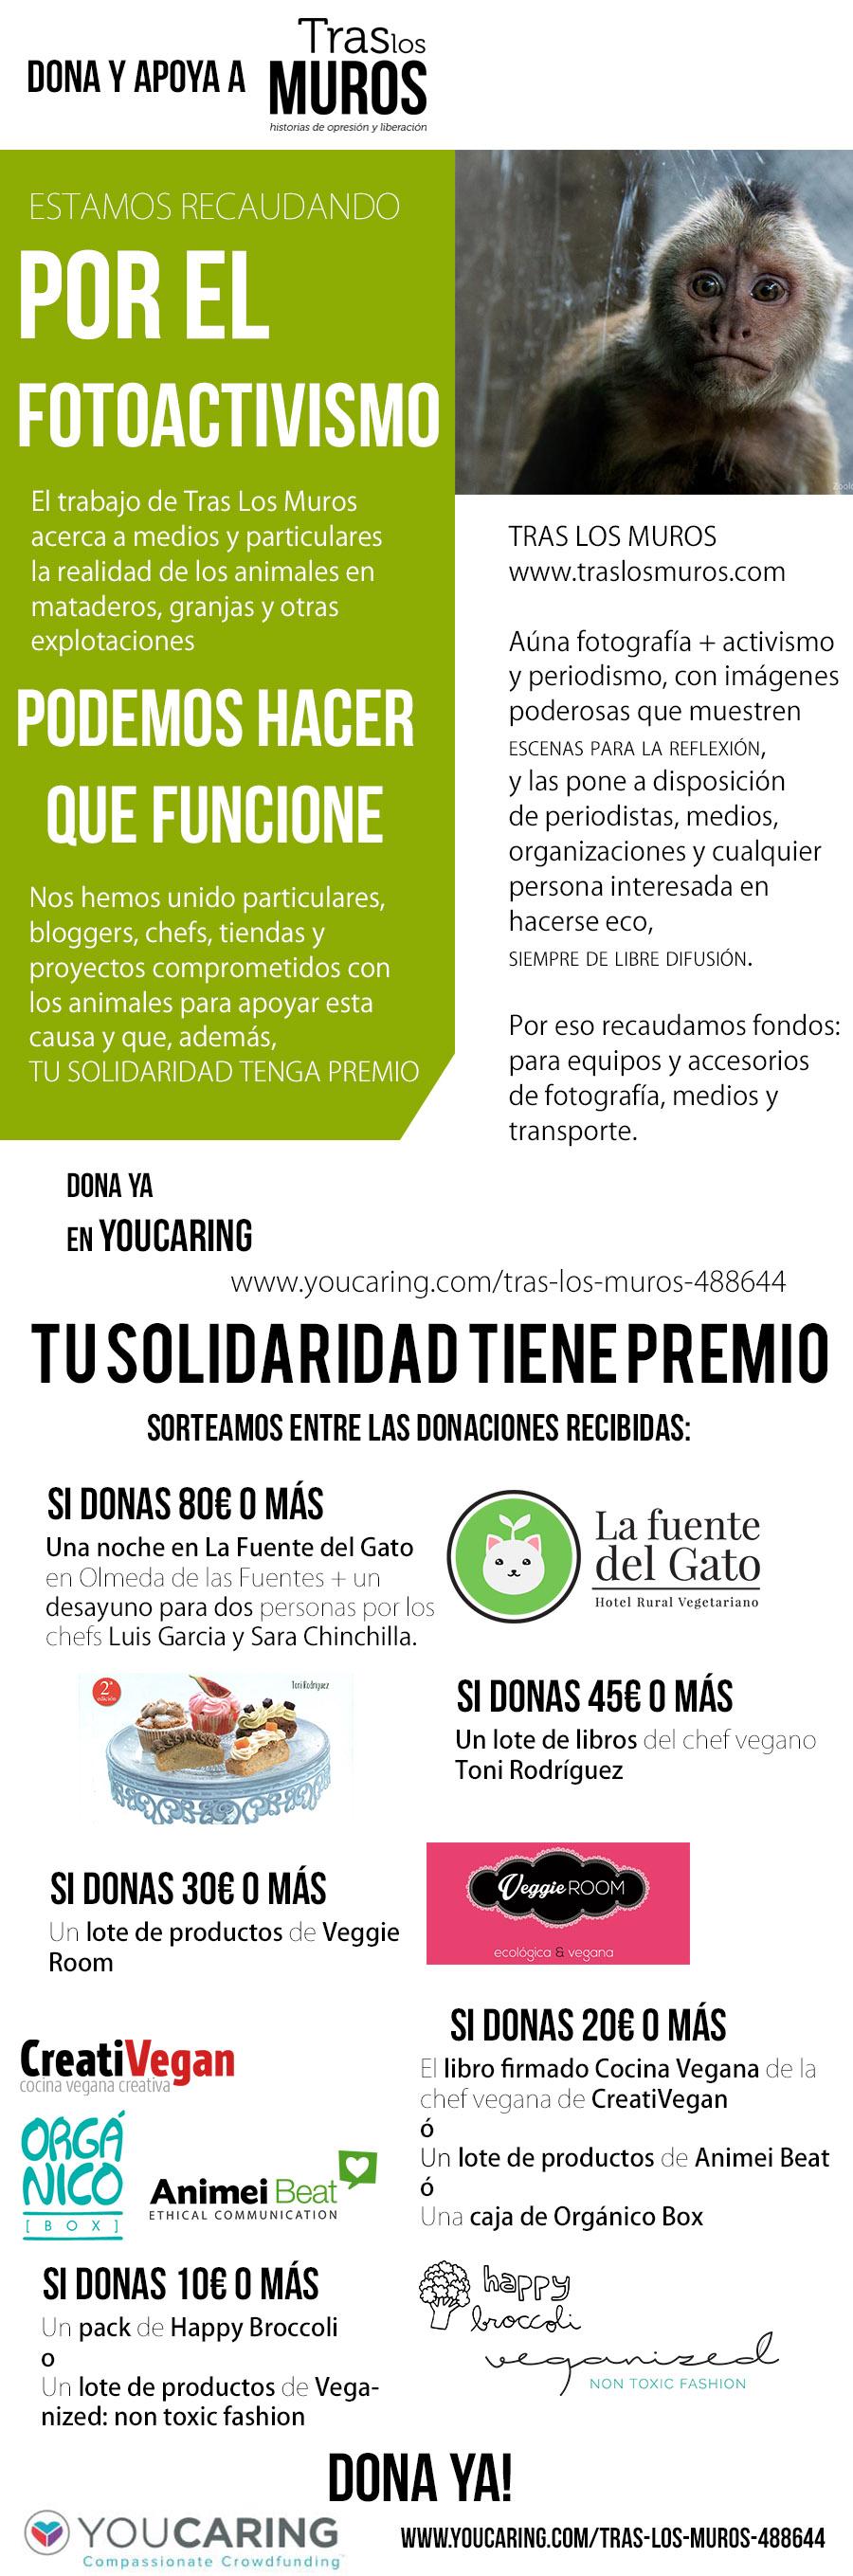 Campaña de donación para TrasLosMuros